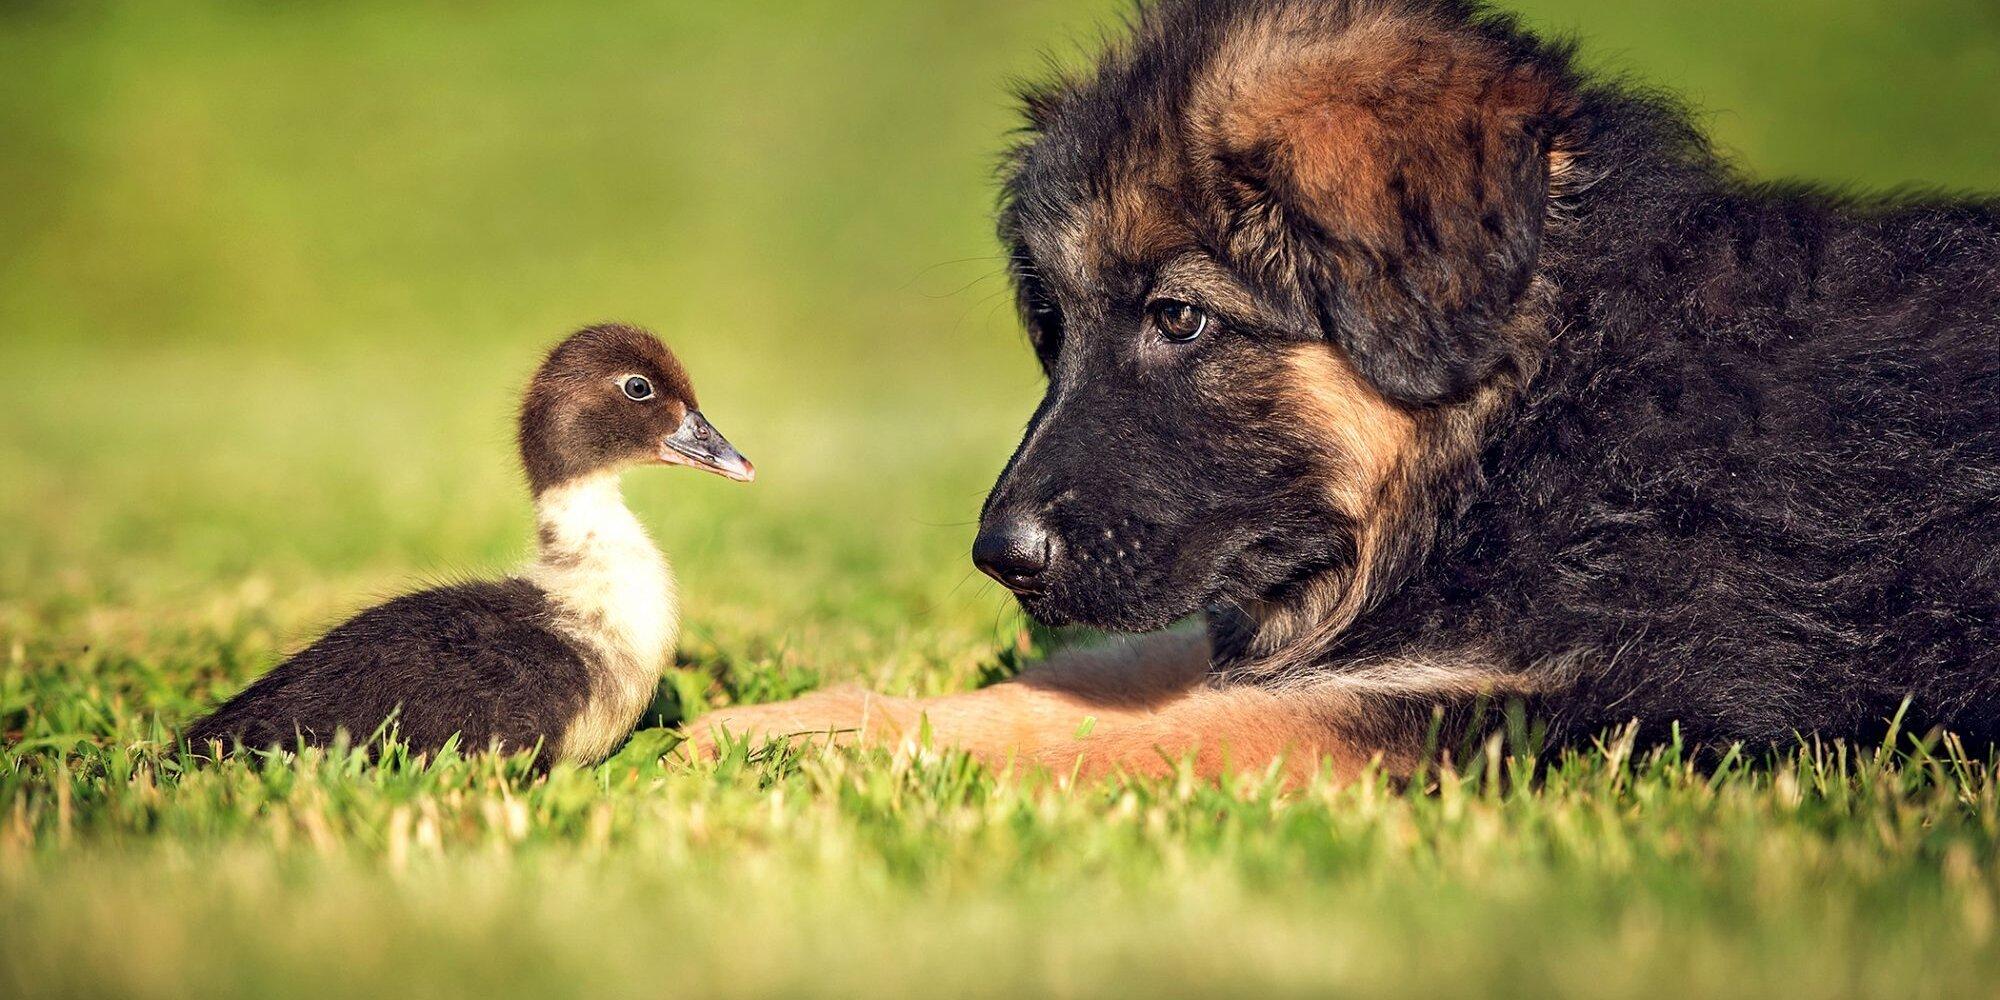 Baby Duckling Befriends German Shepherd Puppy in Adorable Video